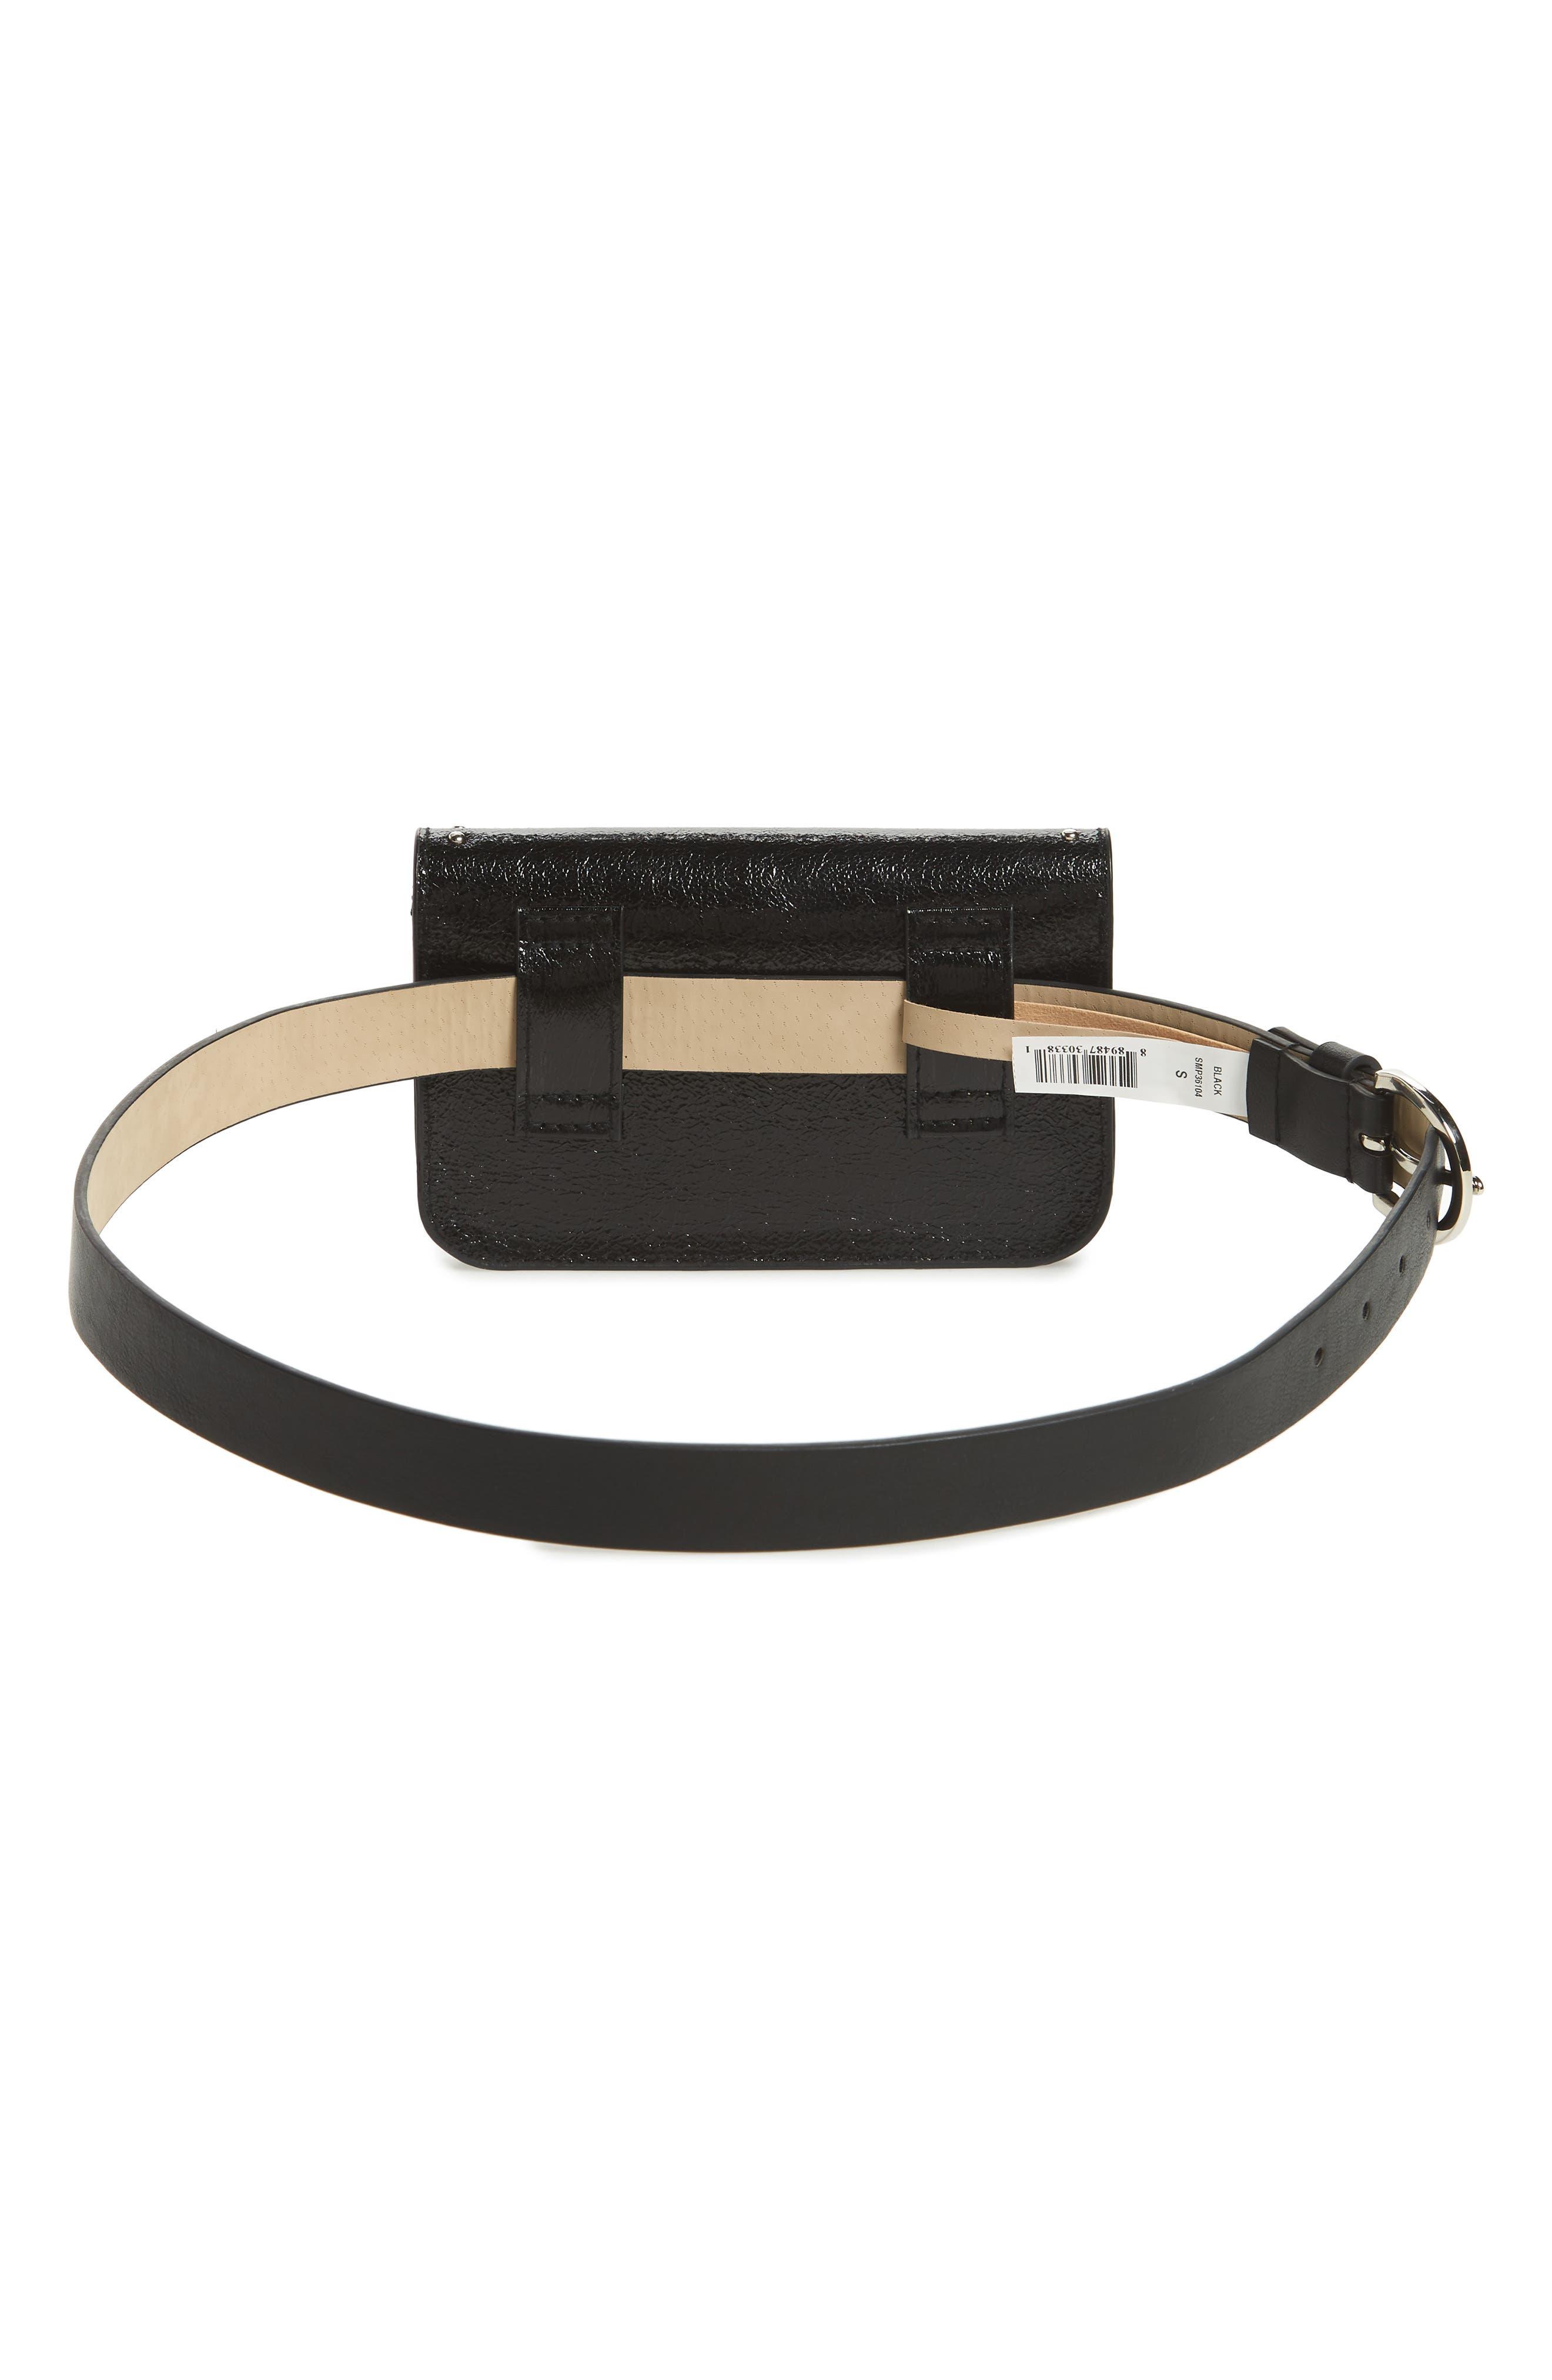 Alternate Image 4  - Steve Madden Hardware Belt Bag